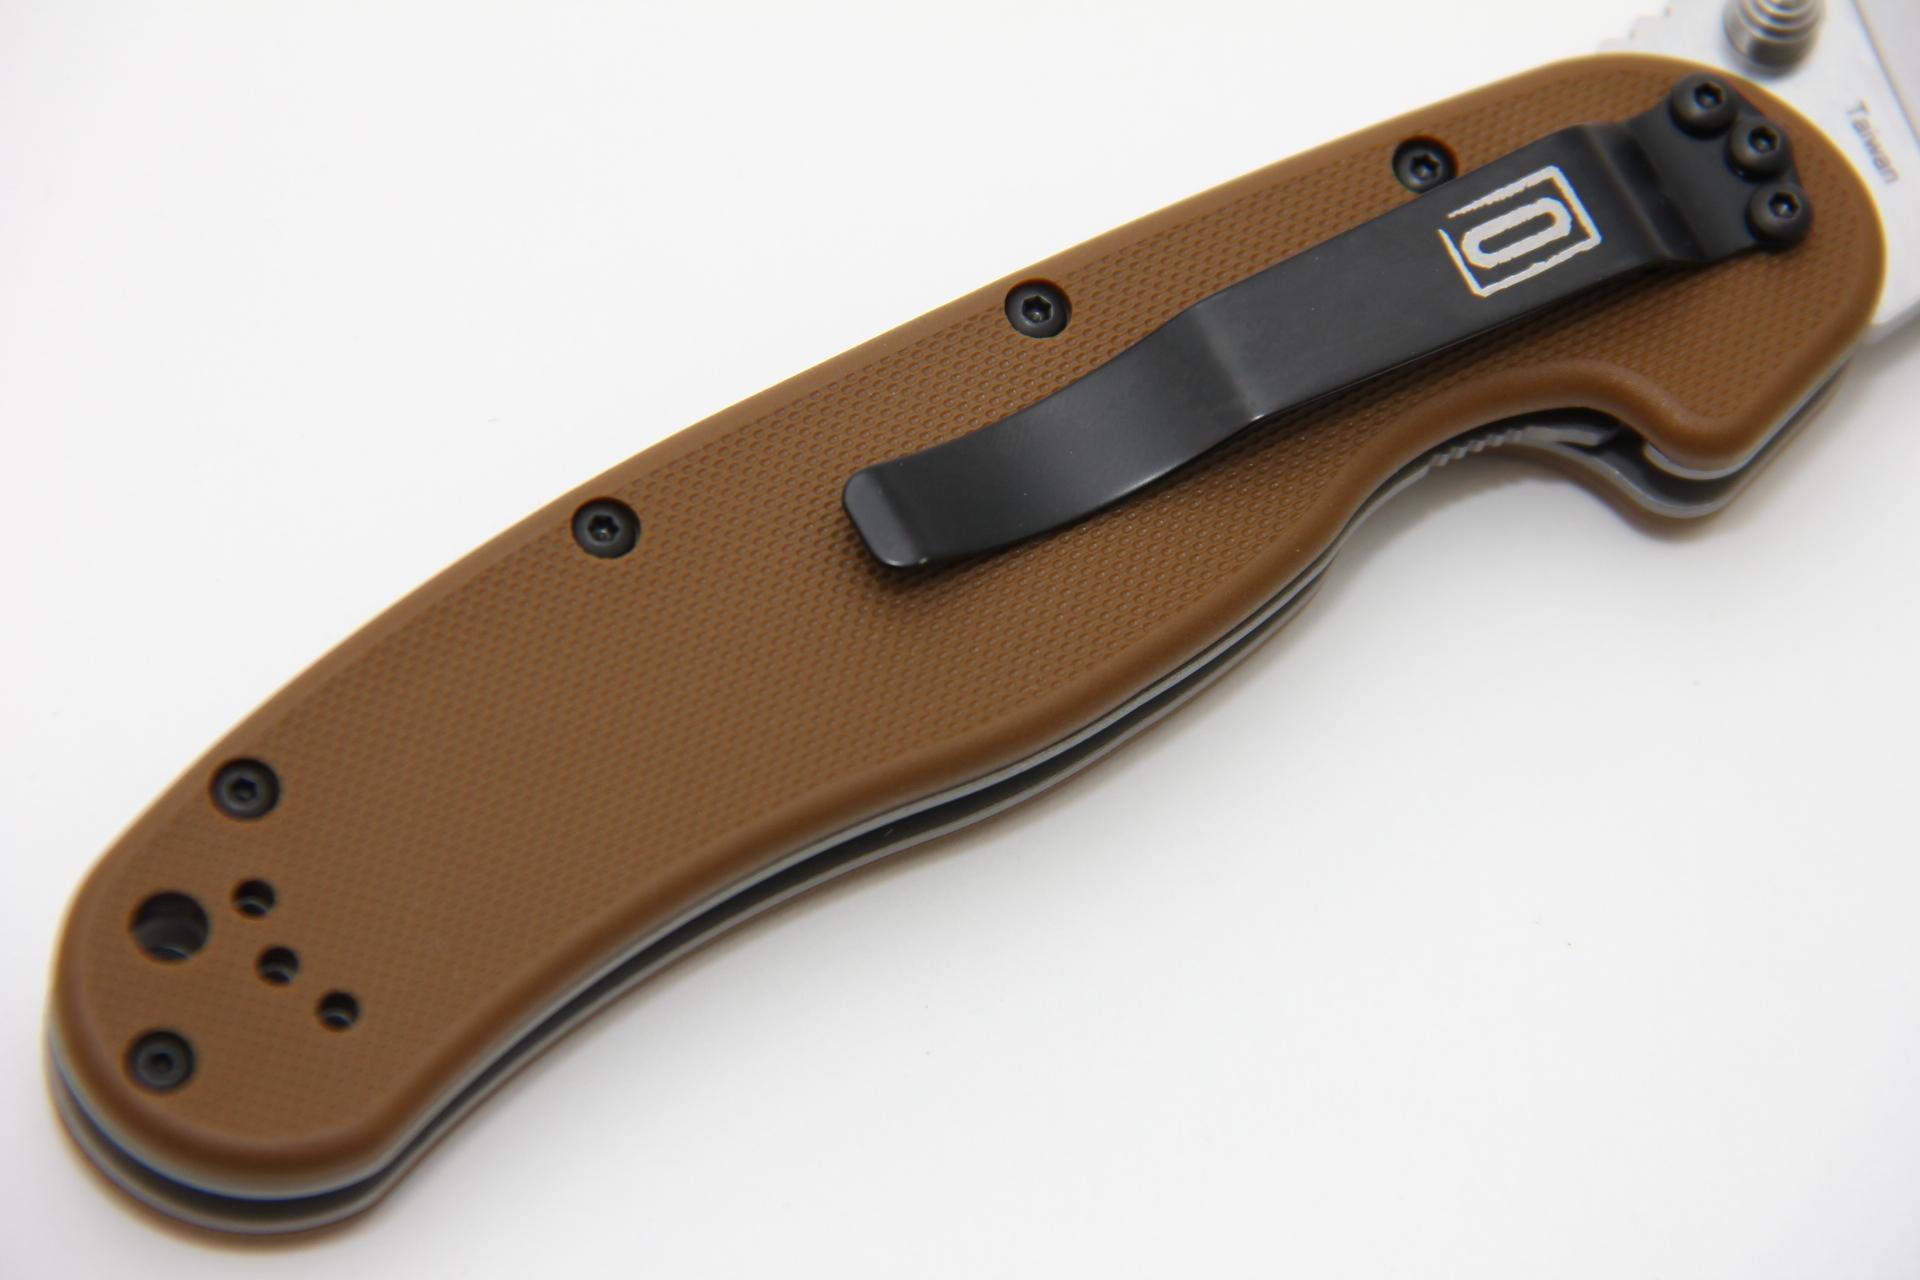 Нож Ontario Rat 1 ON8848 песочный - фотография